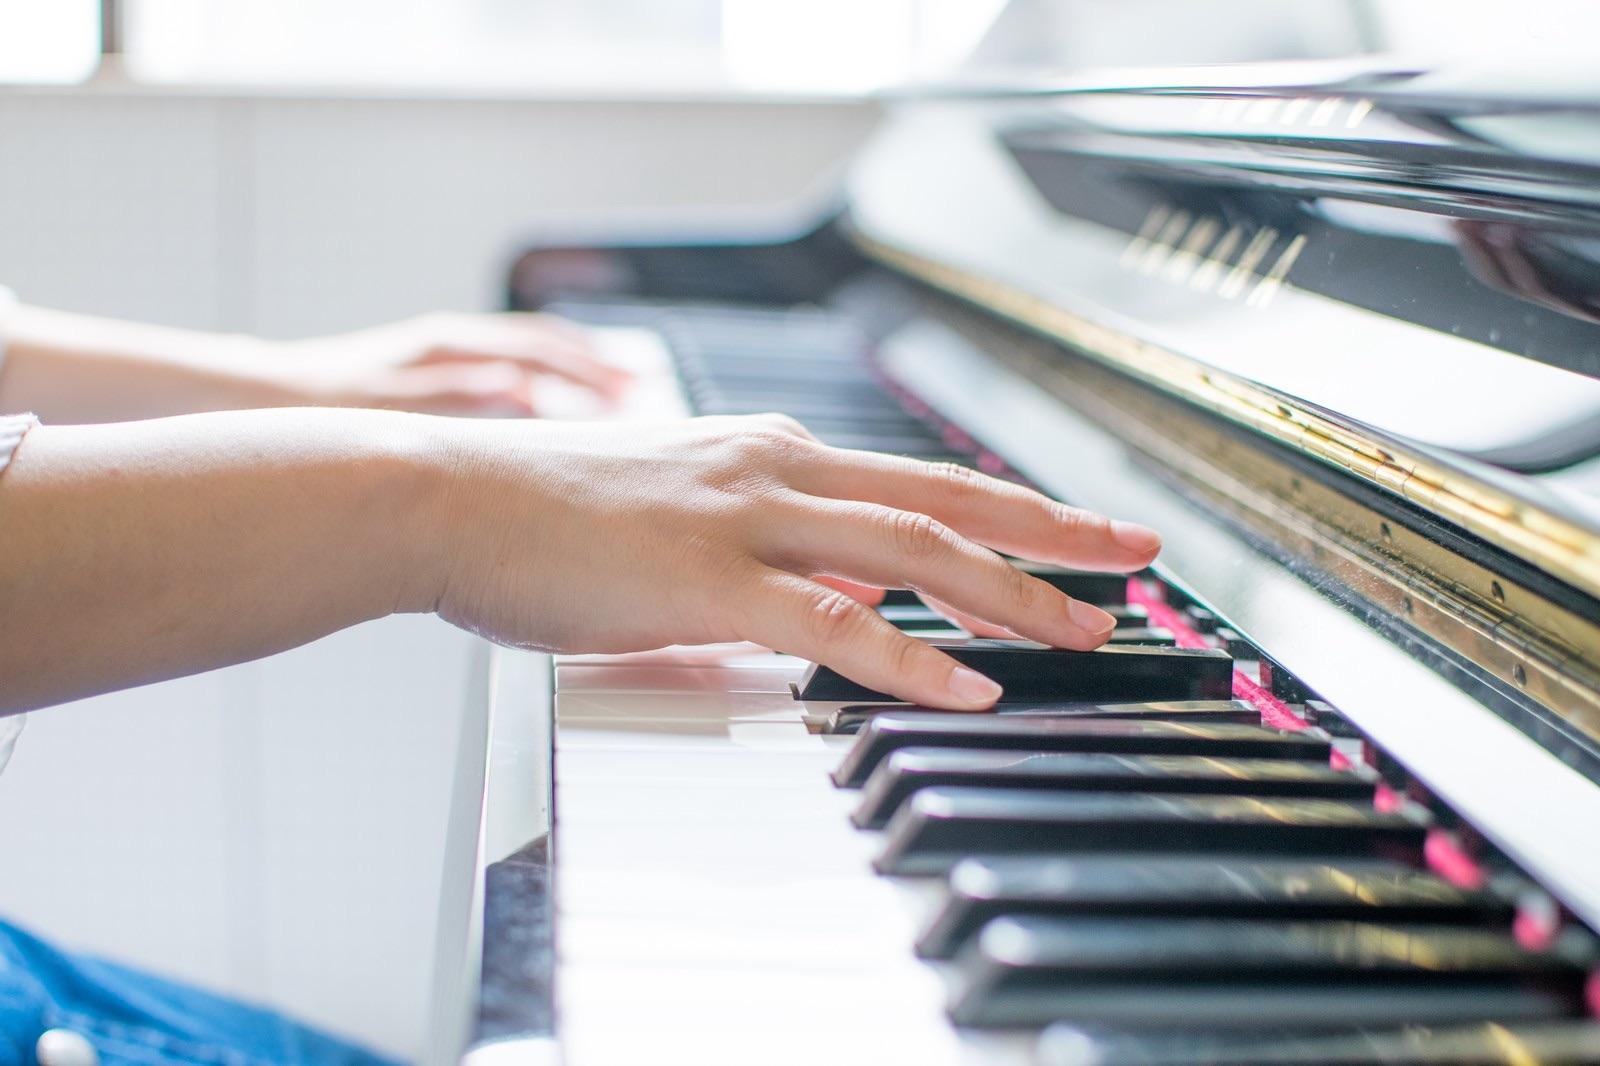 使わないピアノの置き場所はどこ?